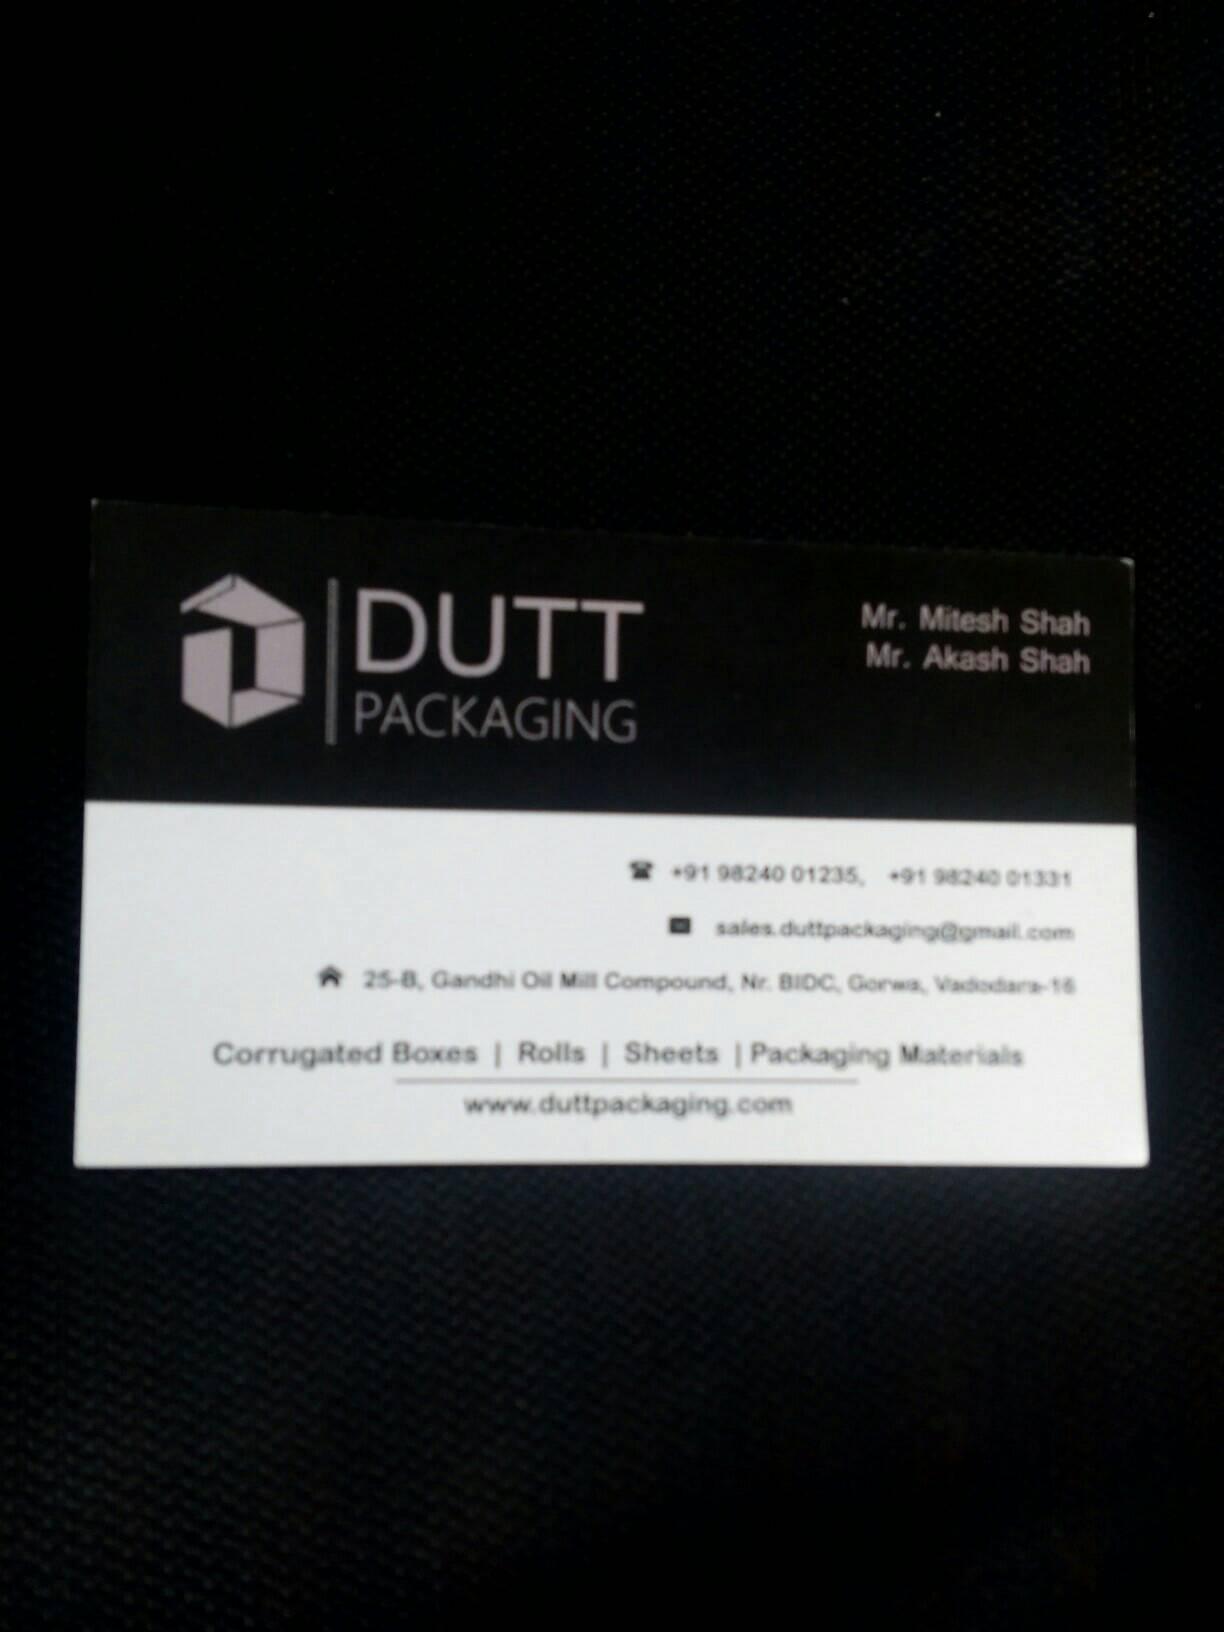 Dutt Packaging